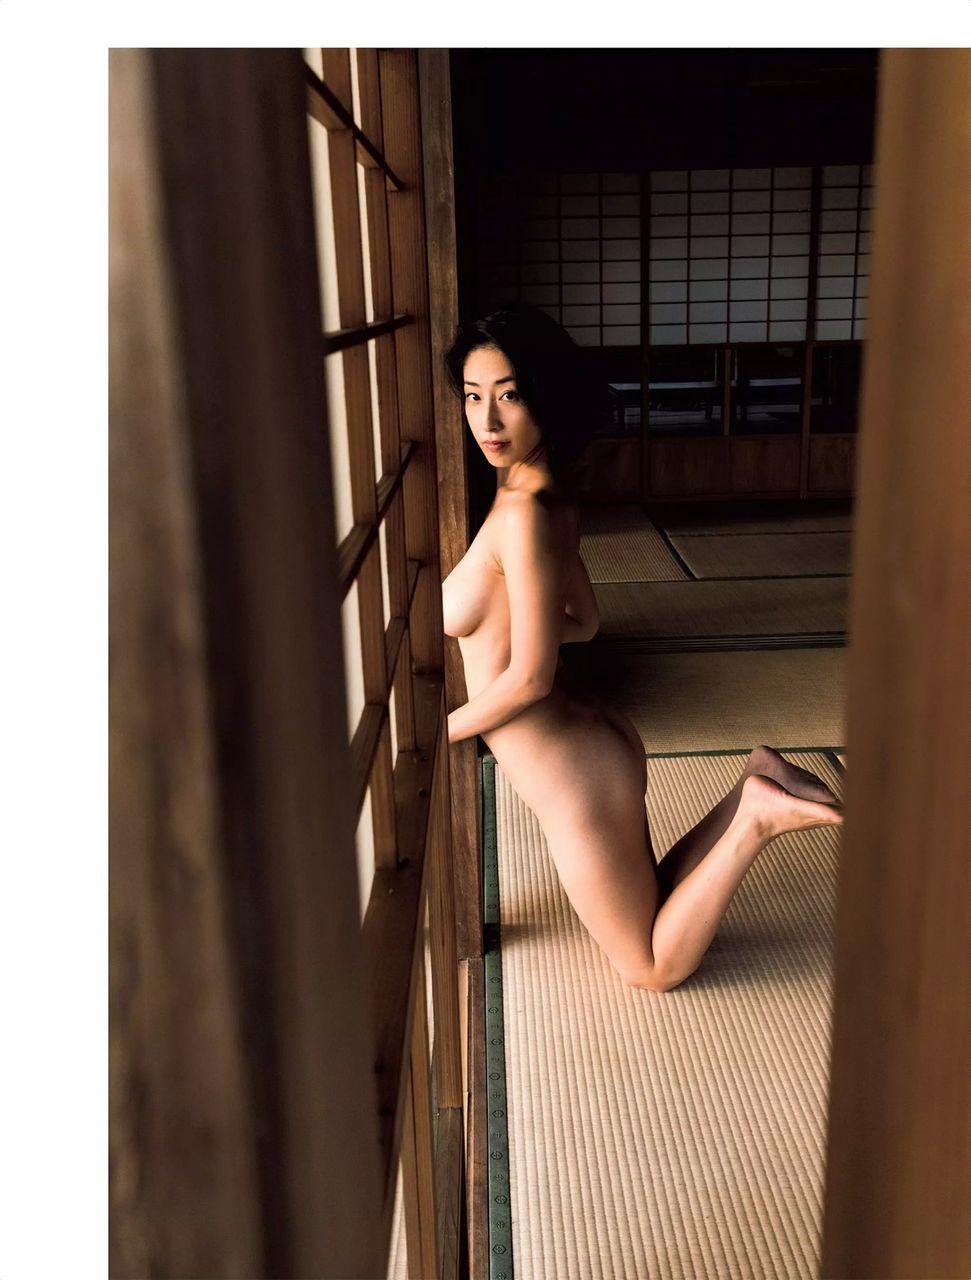 佐藤寛子(31)シングルマザースイムスーツギャルの裸がなかなかエろい!!やり逃げされたんだろうな♪♪《エロ画像》